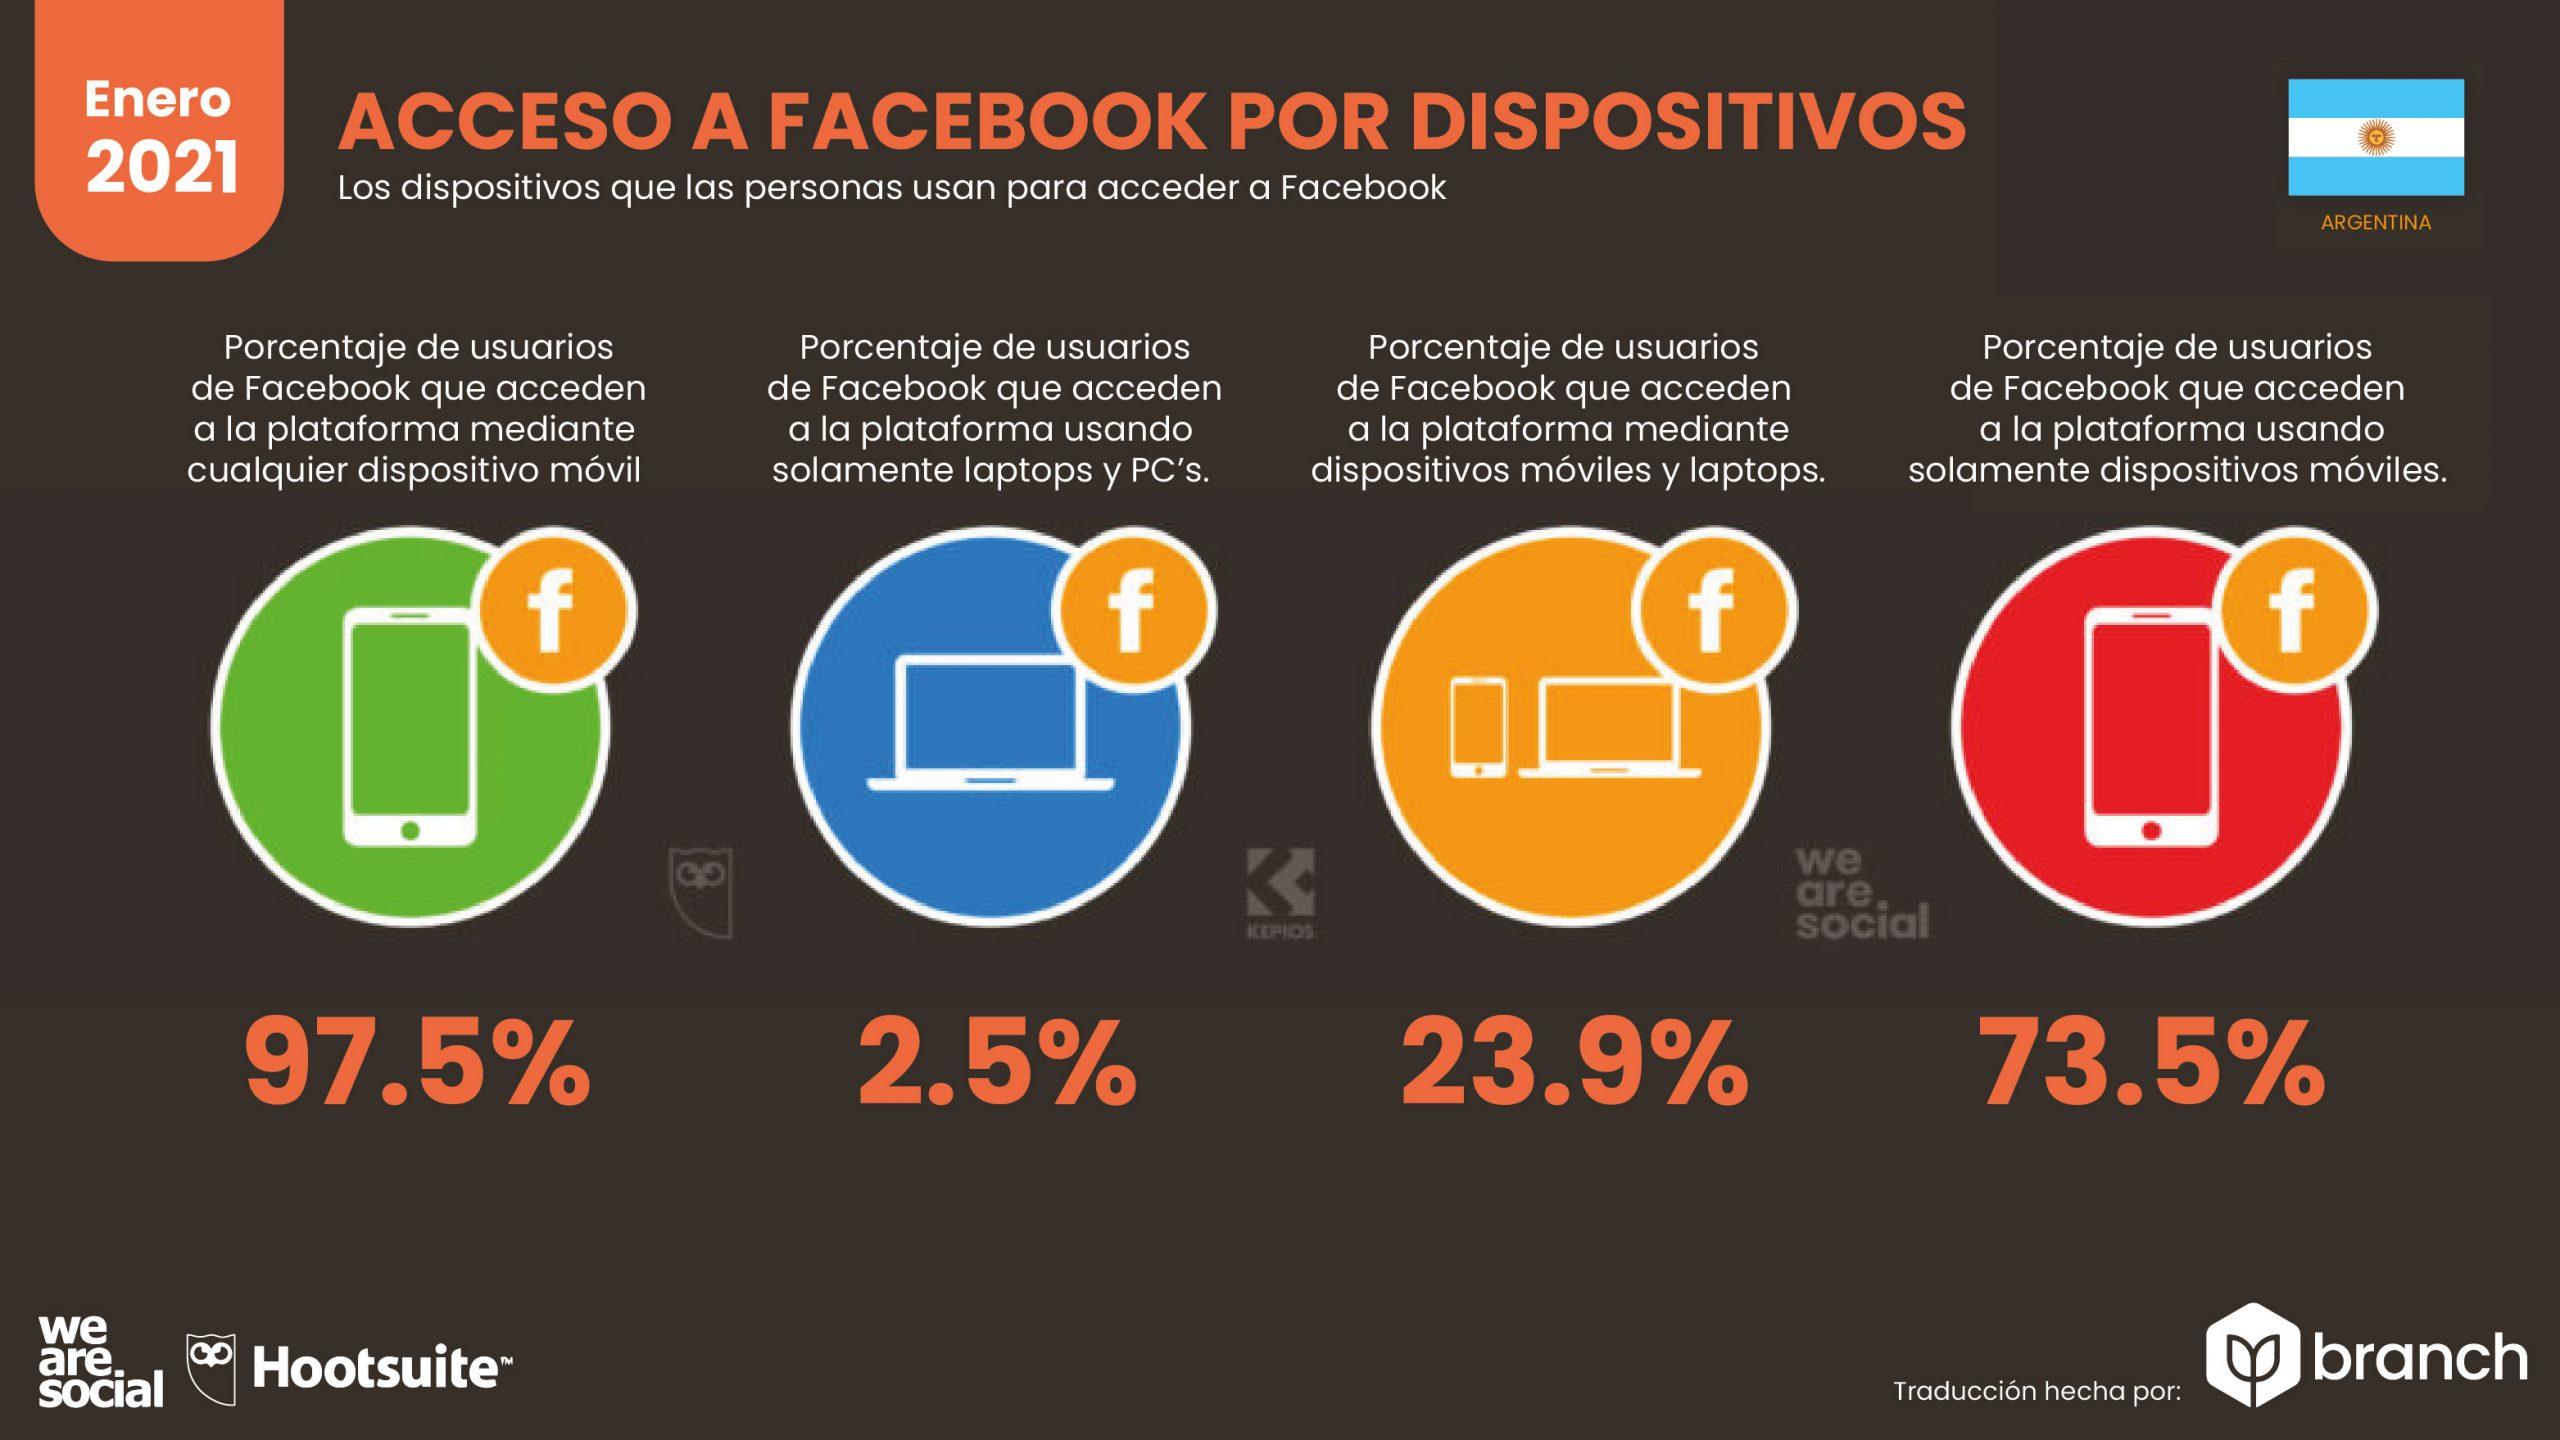 grafico-acceso-a-facebook-por-dispositivos-argentina-2020-2021